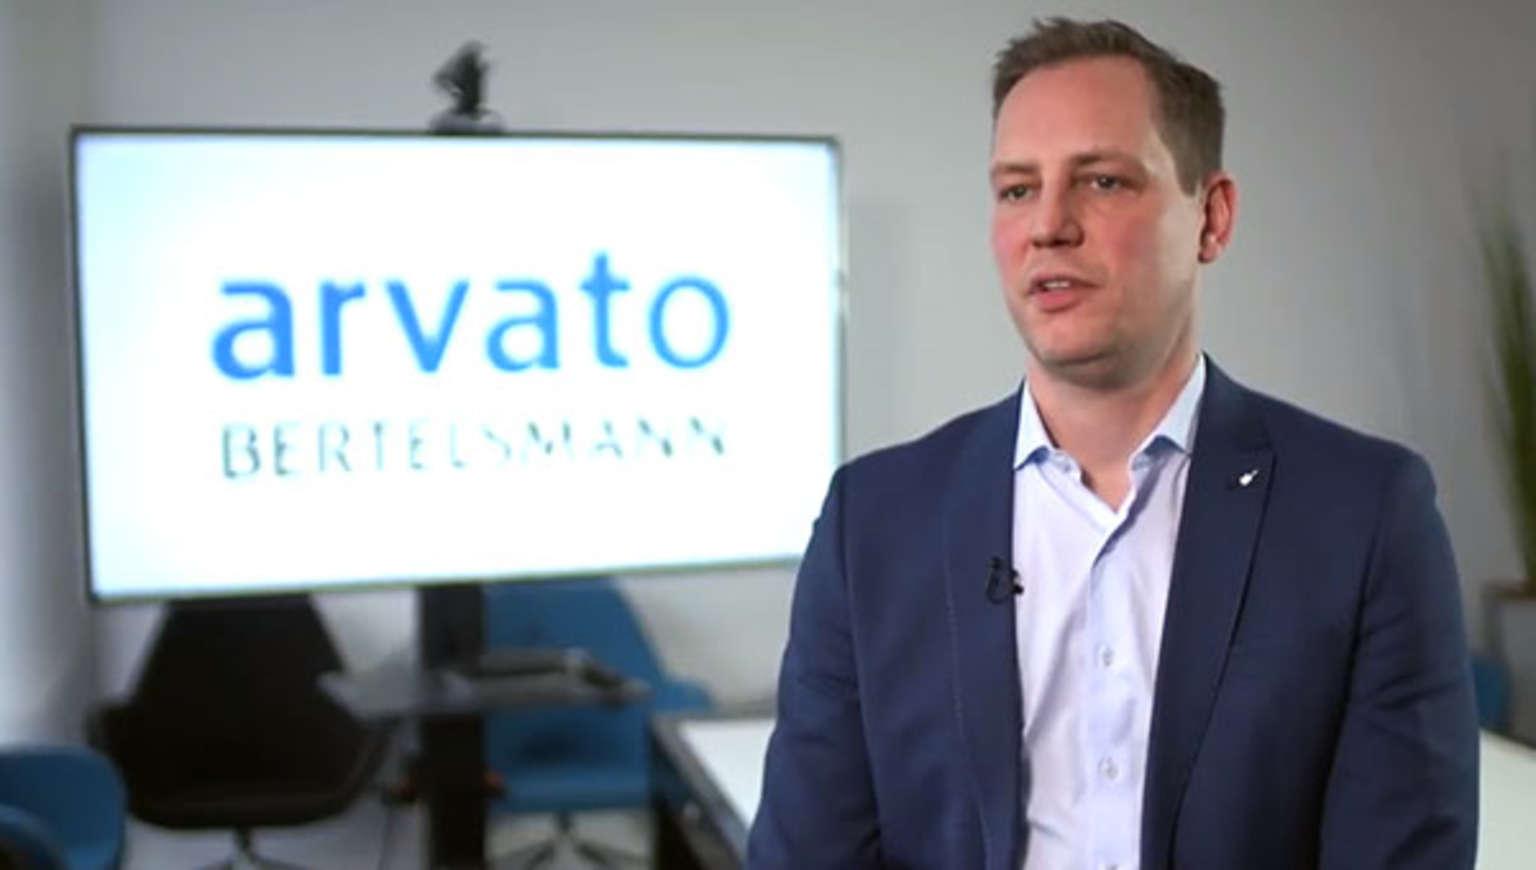 Arvato Bertelsmann and eSignatur